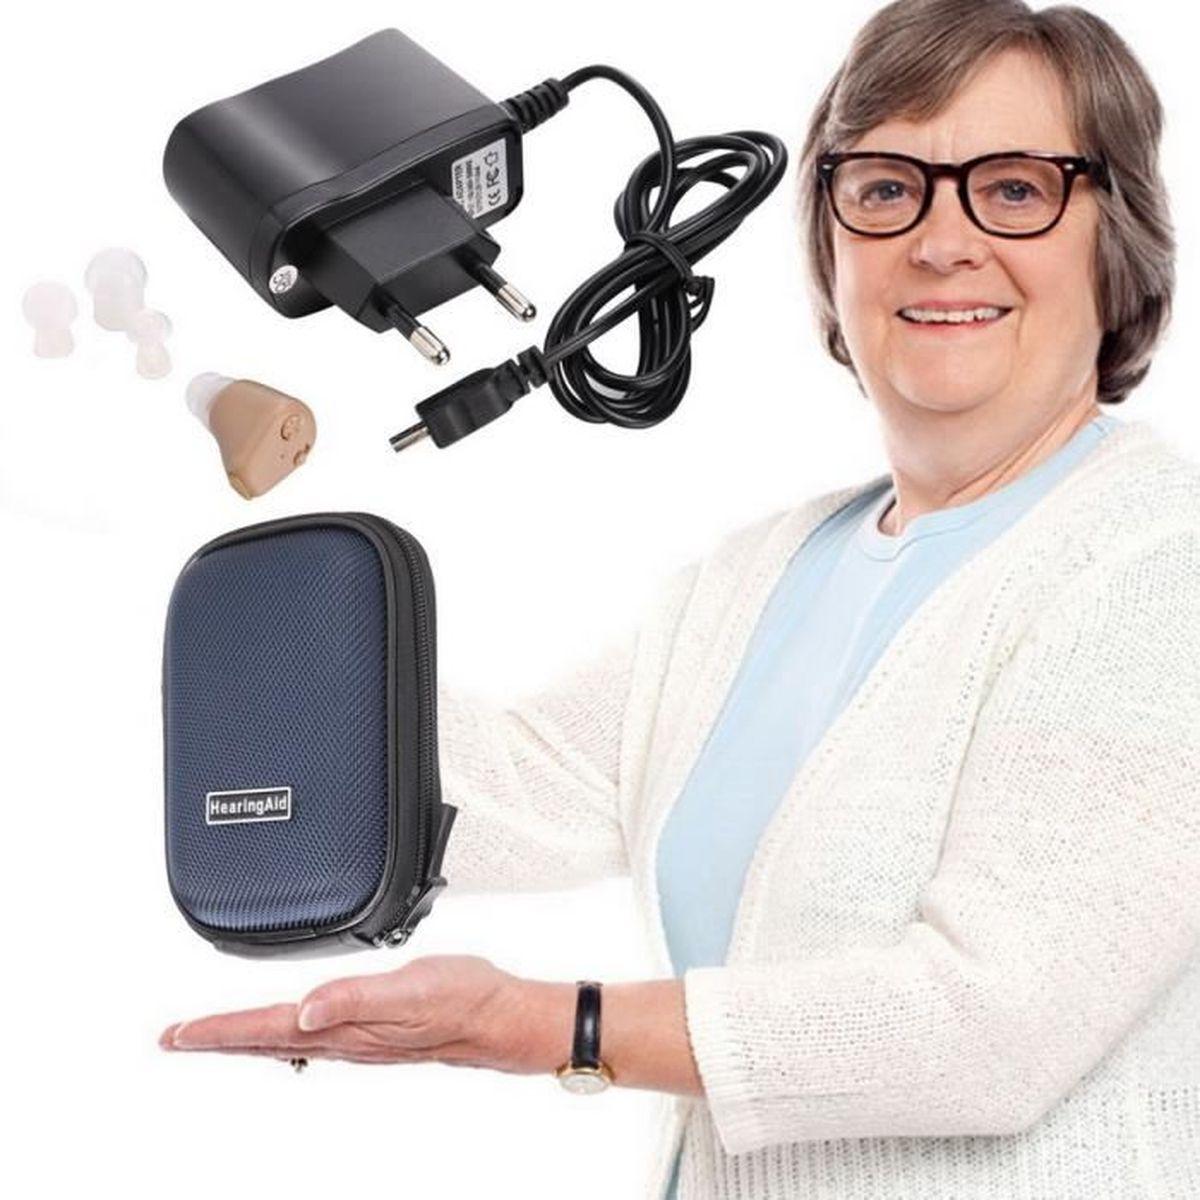 proth se auditive digital oreille rechargeable audition amplificateur auditif achat vente. Black Bedroom Furniture Sets. Home Design Ideas